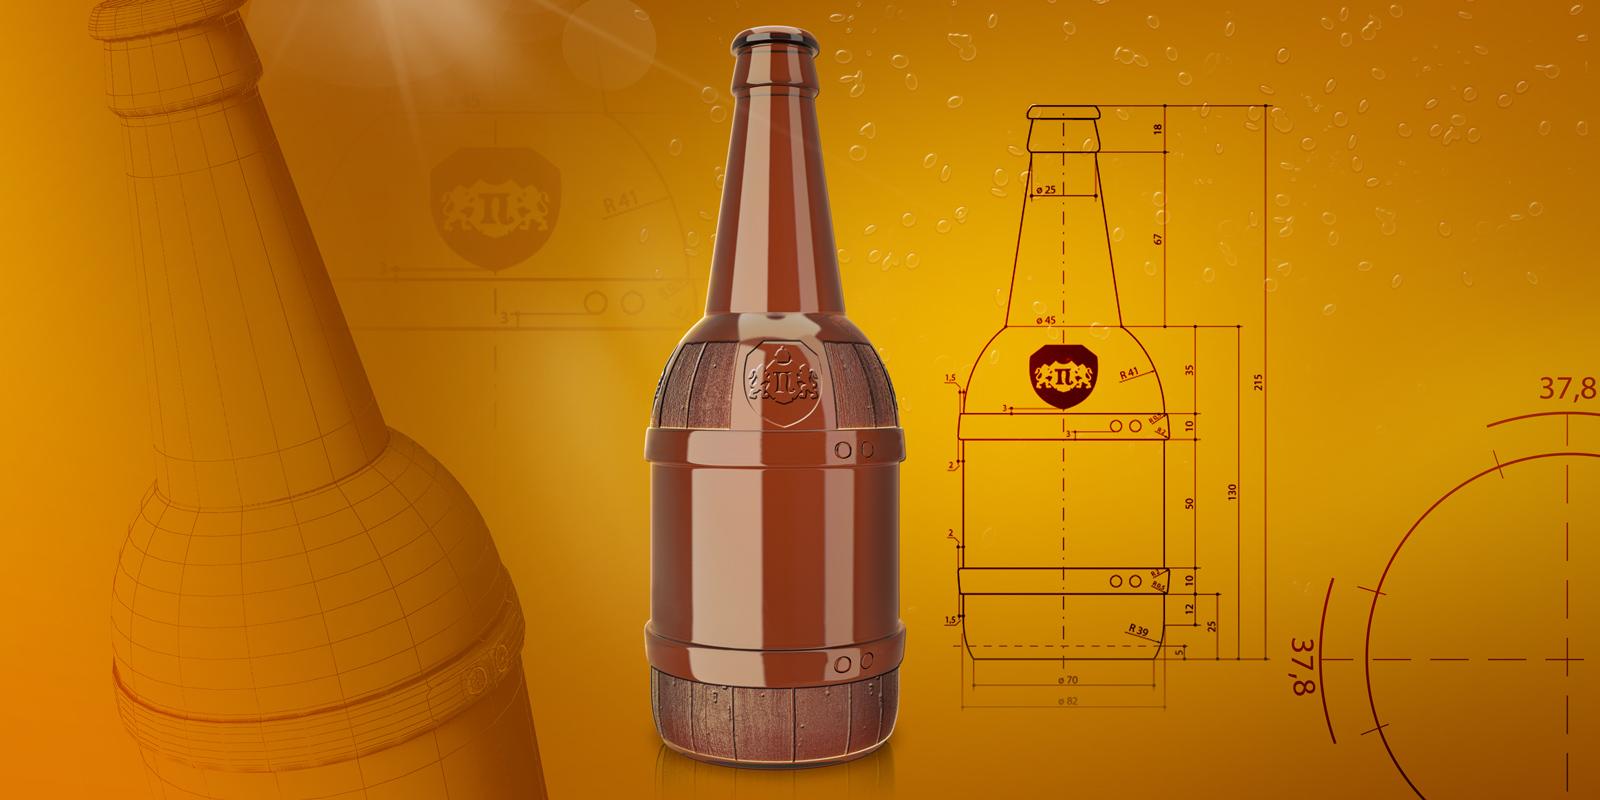 ТМ «Полтавпиво»;;;;;;Разработка дизайна бутылки ТМ «Полтава»;;;;;;<span>Клиент:</span> ТМ «Полтавпиво»;;;;;;;;;;;;Разработка дизайна бутылки ТМ «Полтава»;;;;;;7